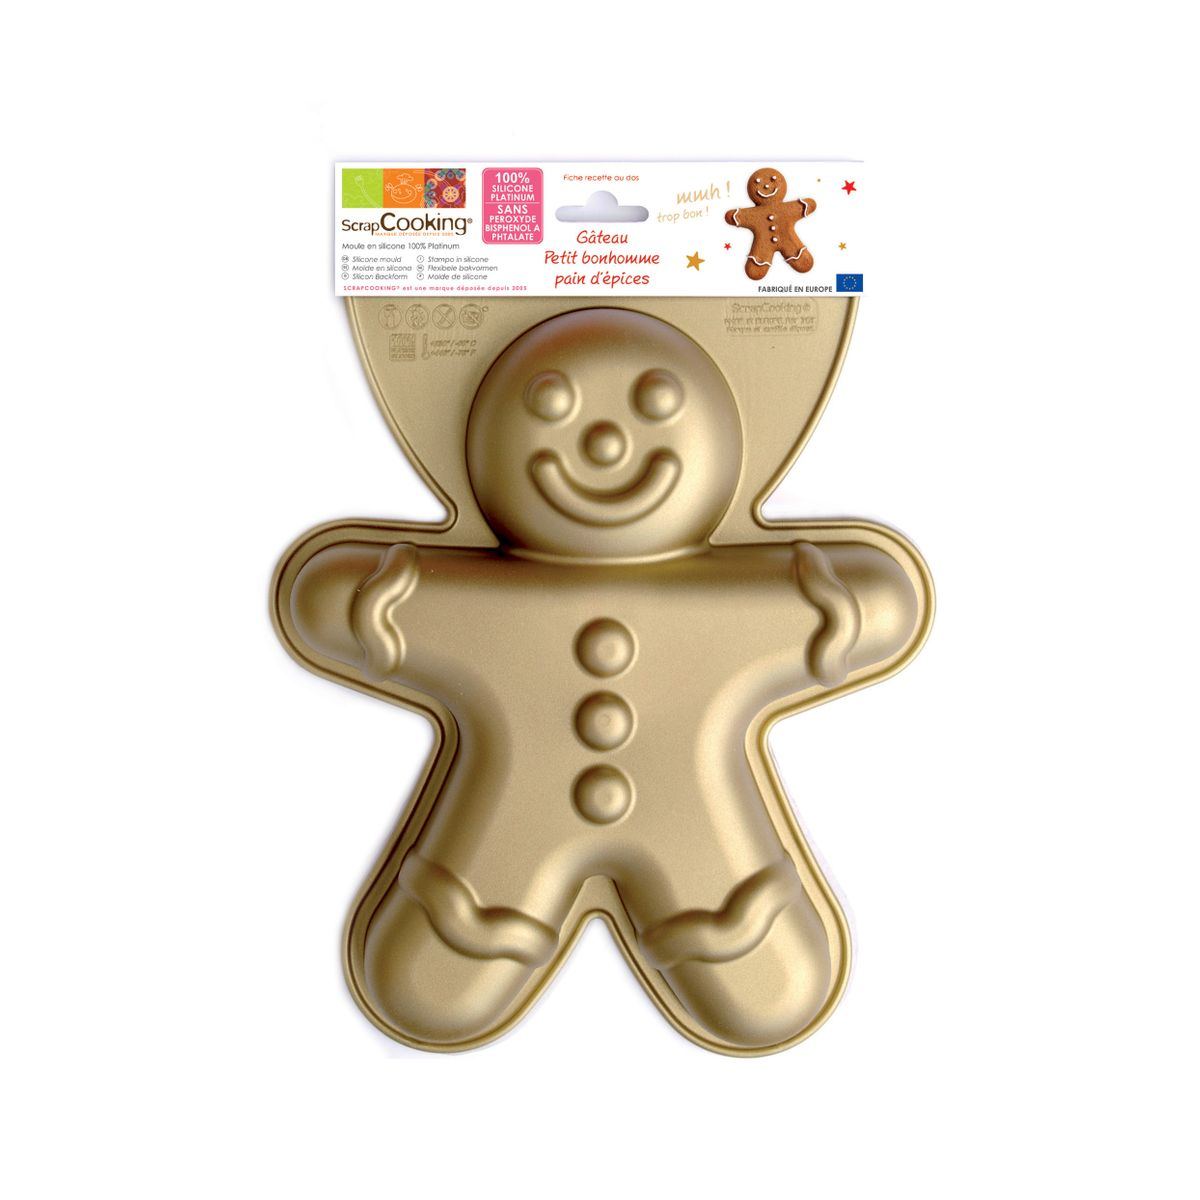 Moule en silicone bonhomme pain d´épices Noël 27,5 cm - Scrapcooking